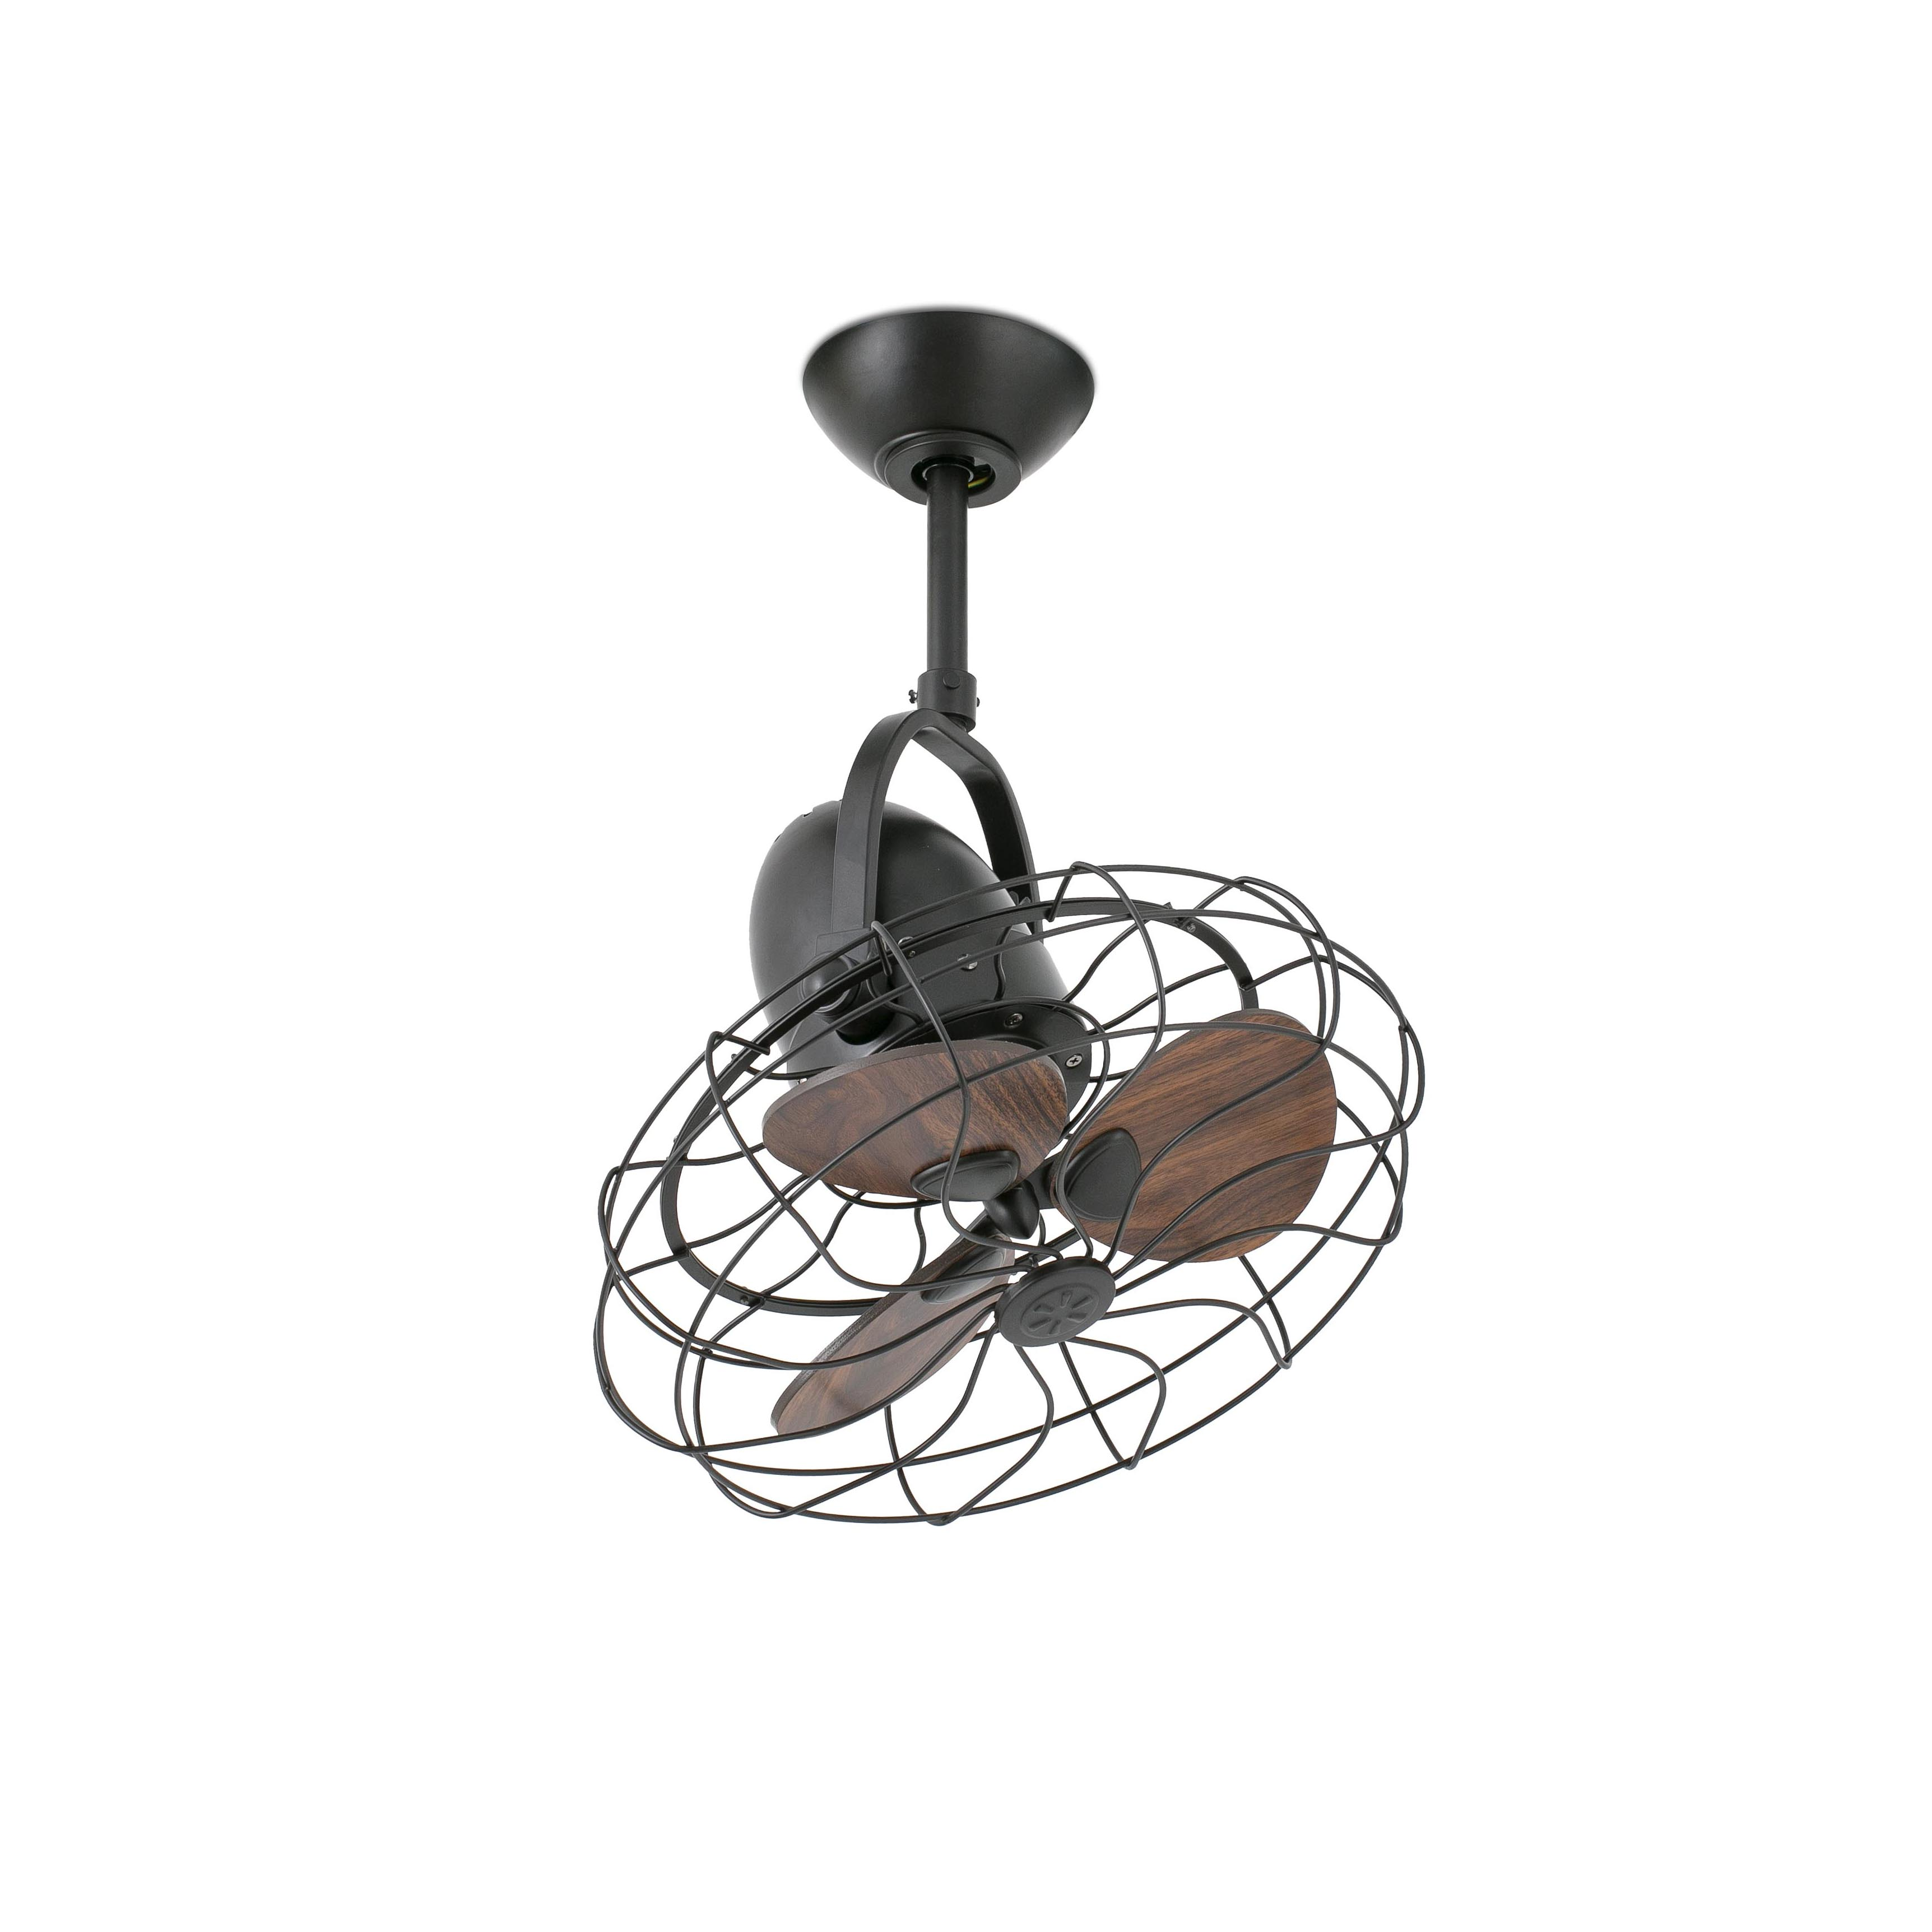 Ventilador de techo sin luz keiki 33715 marr n 450 de - Ventiladores de techo rusticos ...